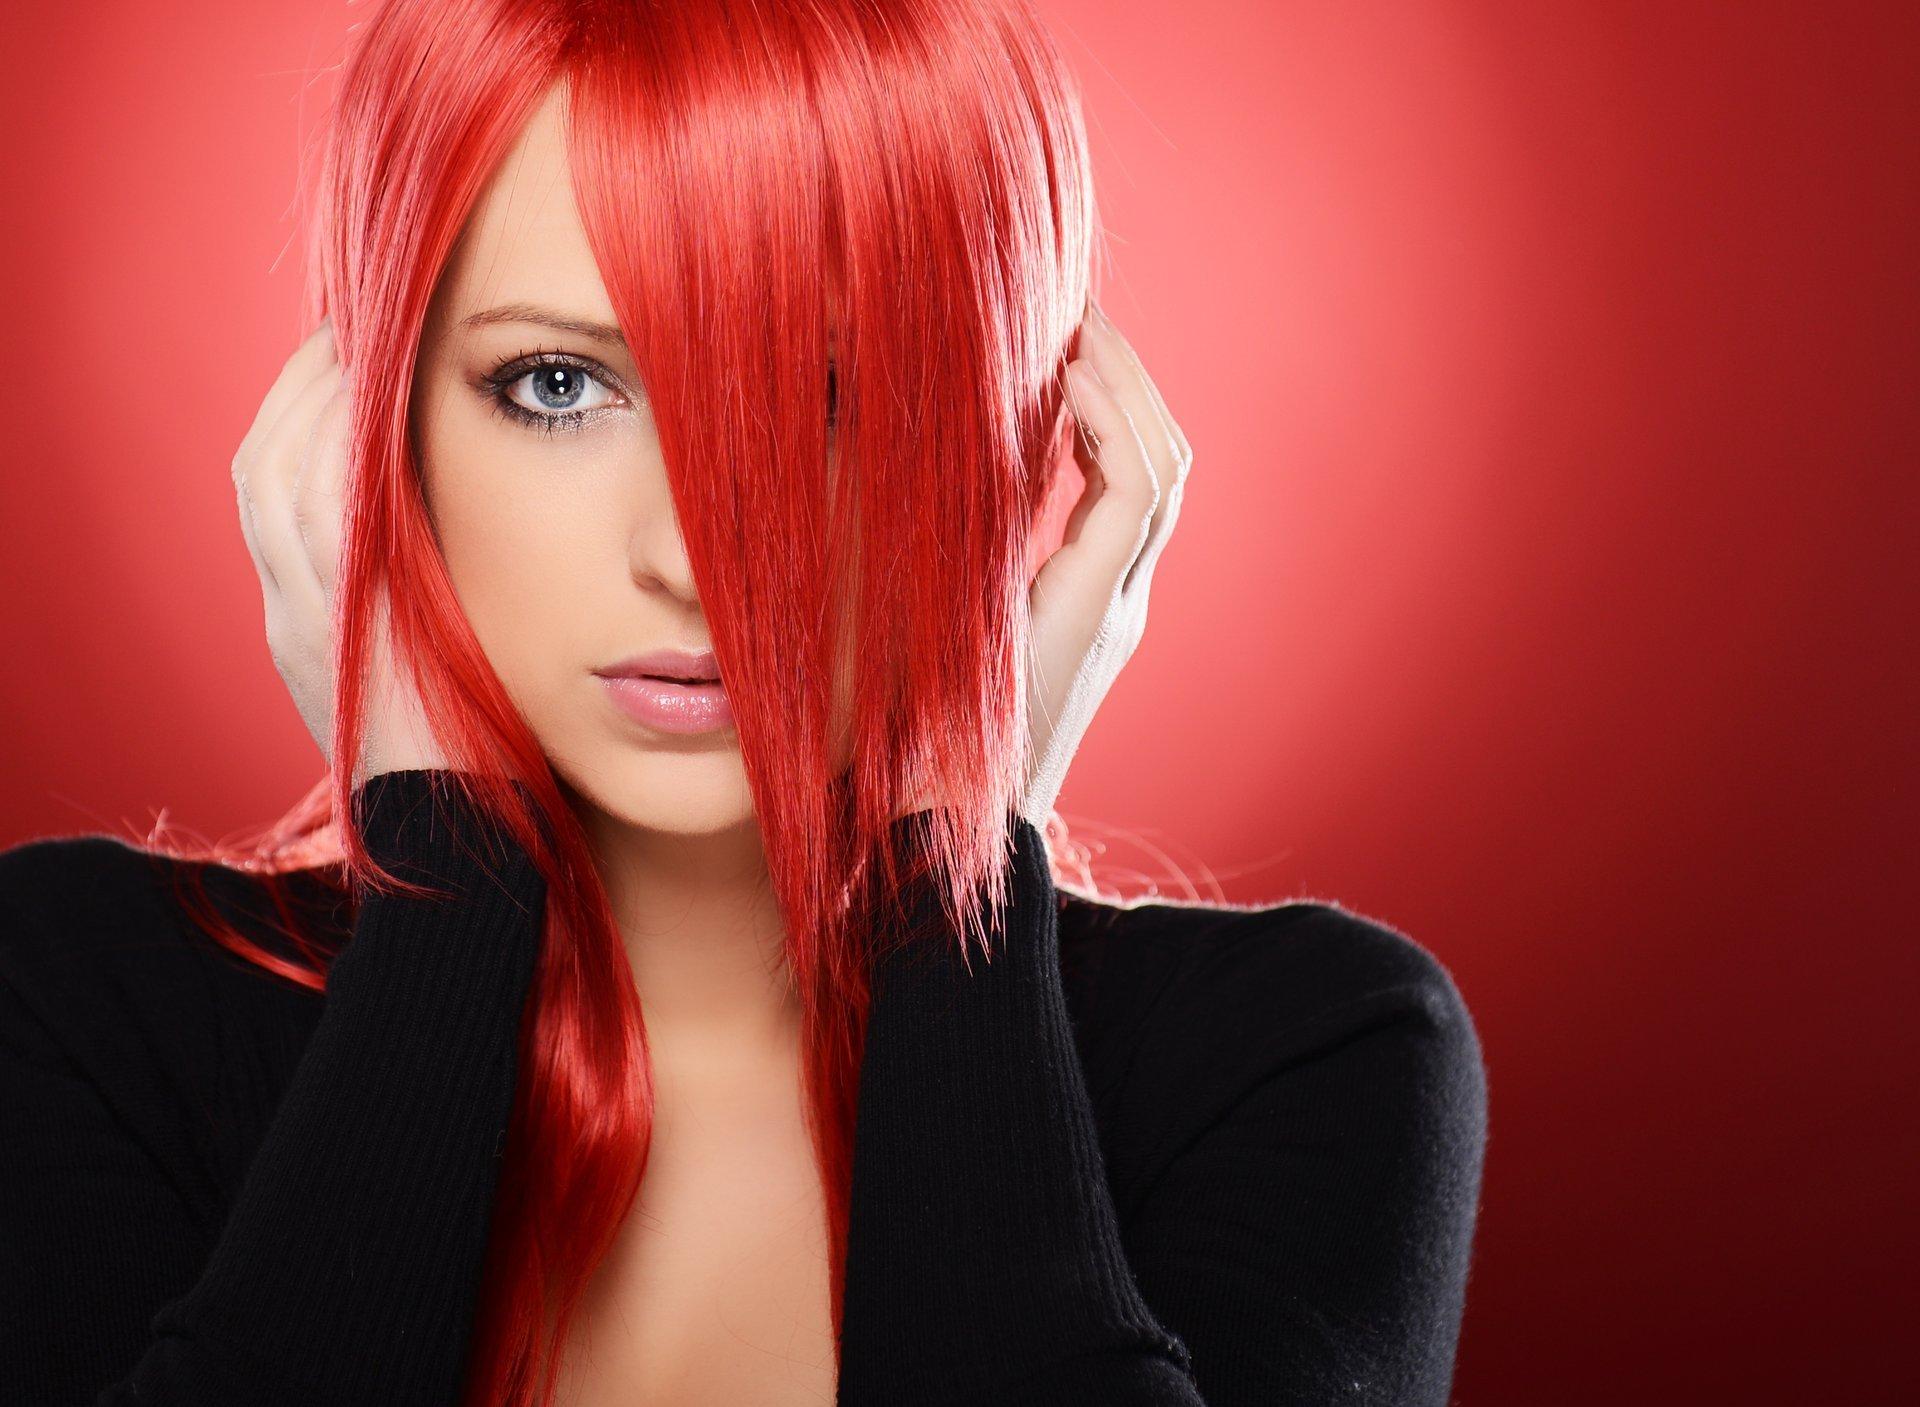 Красные волосы у девушек фото